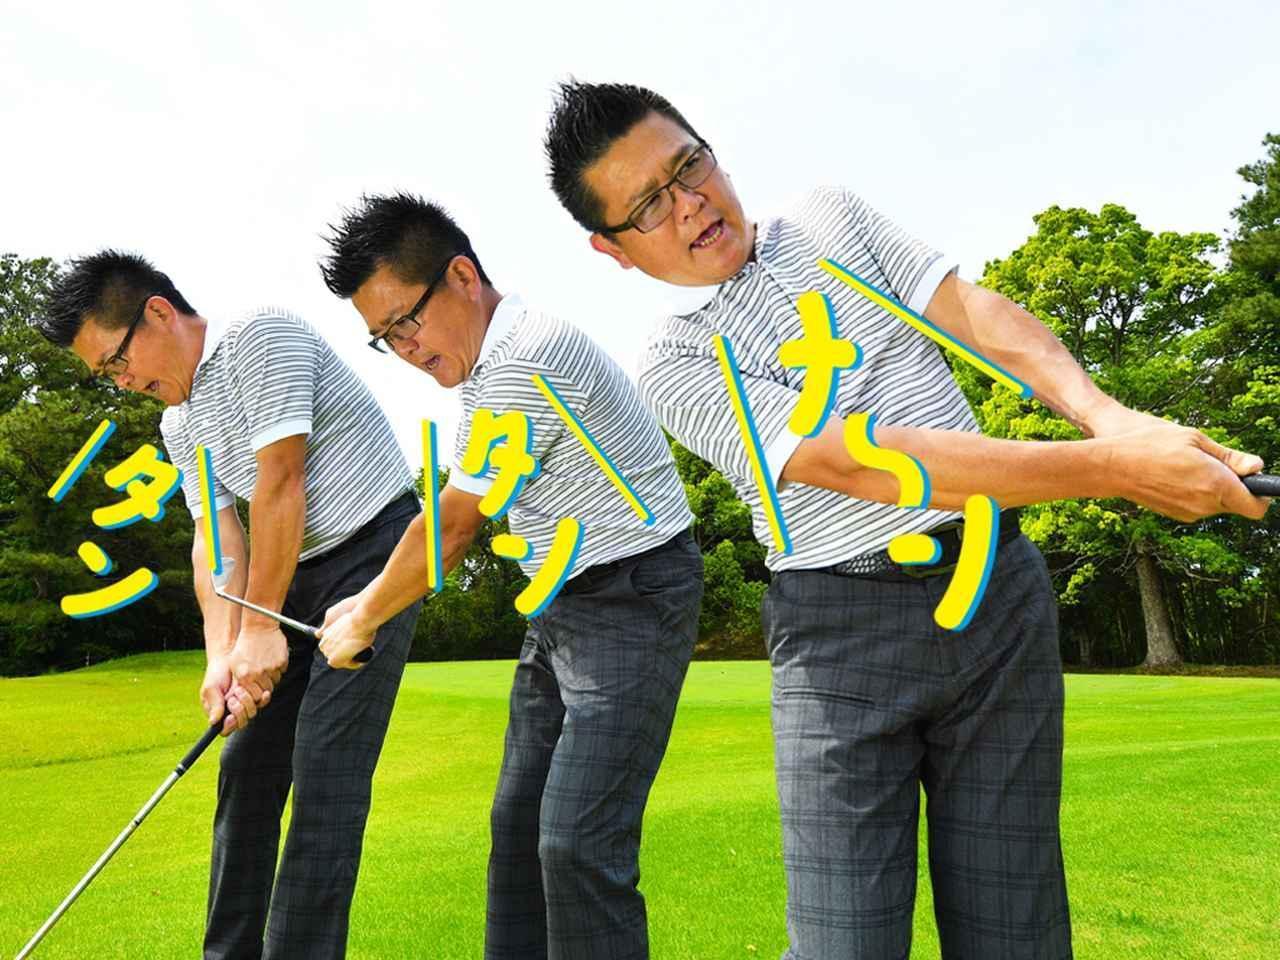 画像: 【アプローチ】ゆっくり打つほど上手くなる② タン タン メ〜ンと頭の中で唱えるとゆっくり振れる - ゴルフへ行こうWEB by ゴルフダイジェスト